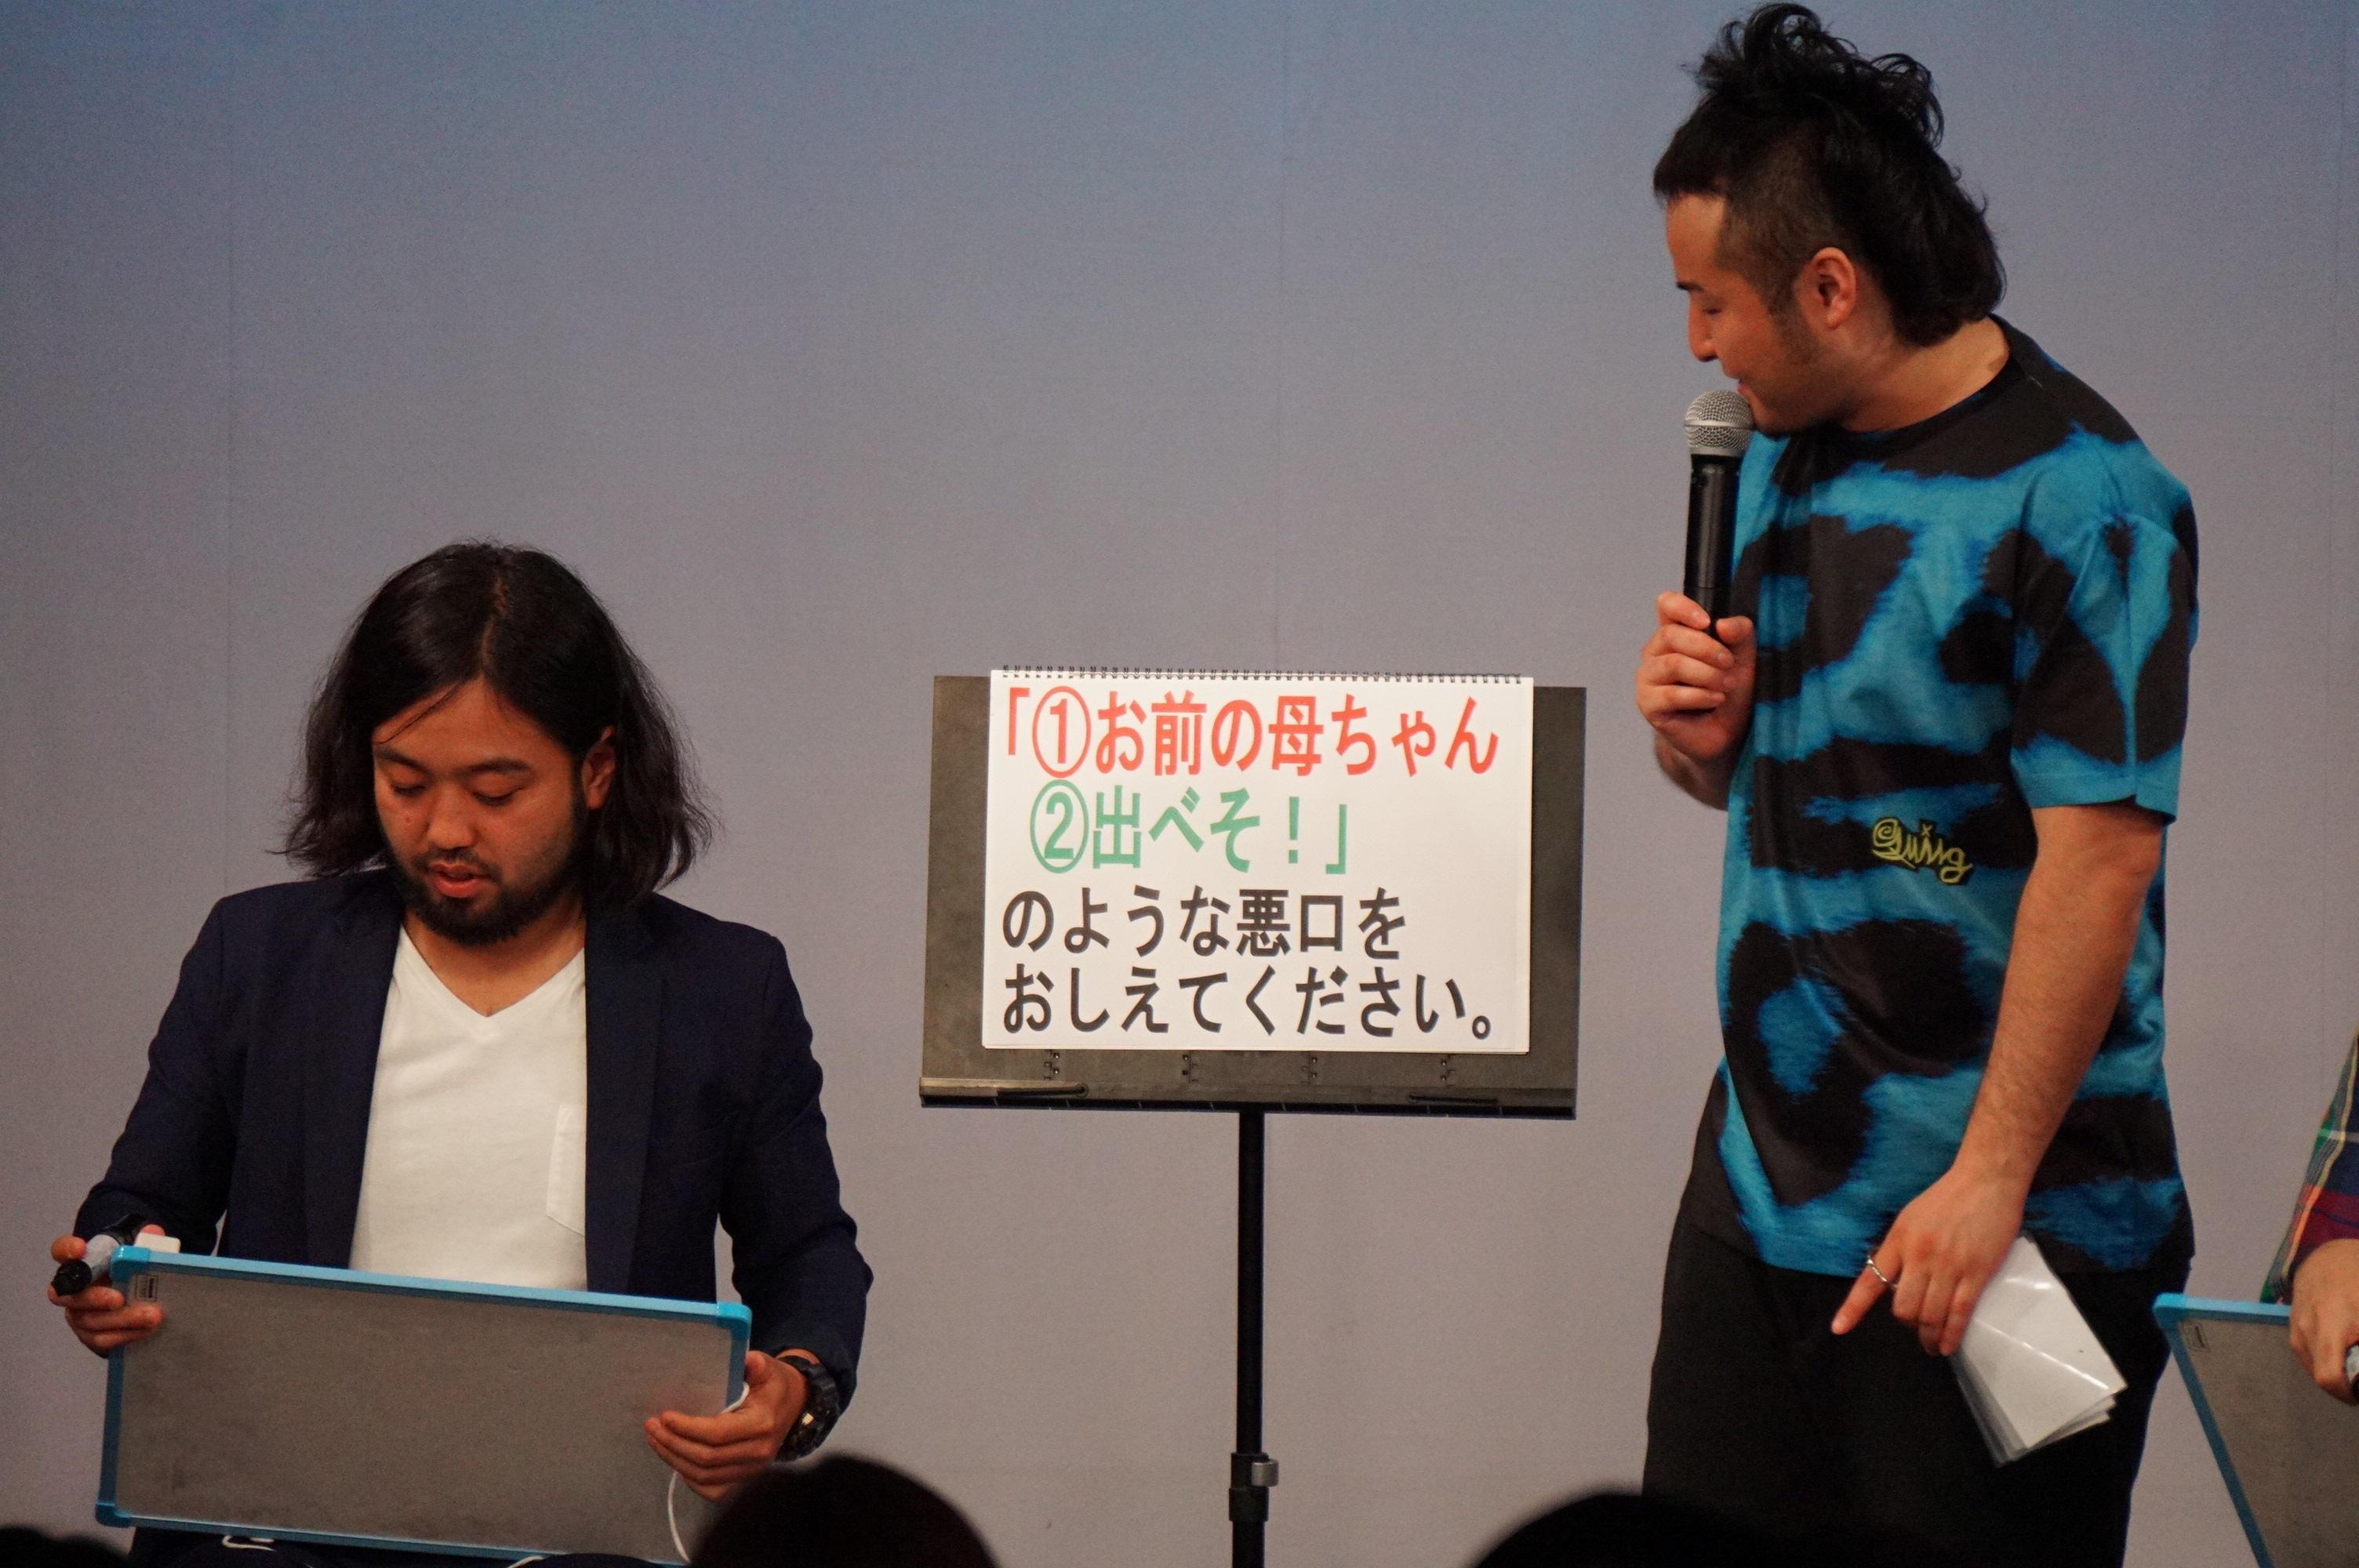 http://news.yoshimoto.co.jp/20160526174904-7554f6e5361e7d771fd0e0a2bf83e36606d3271f.jpg